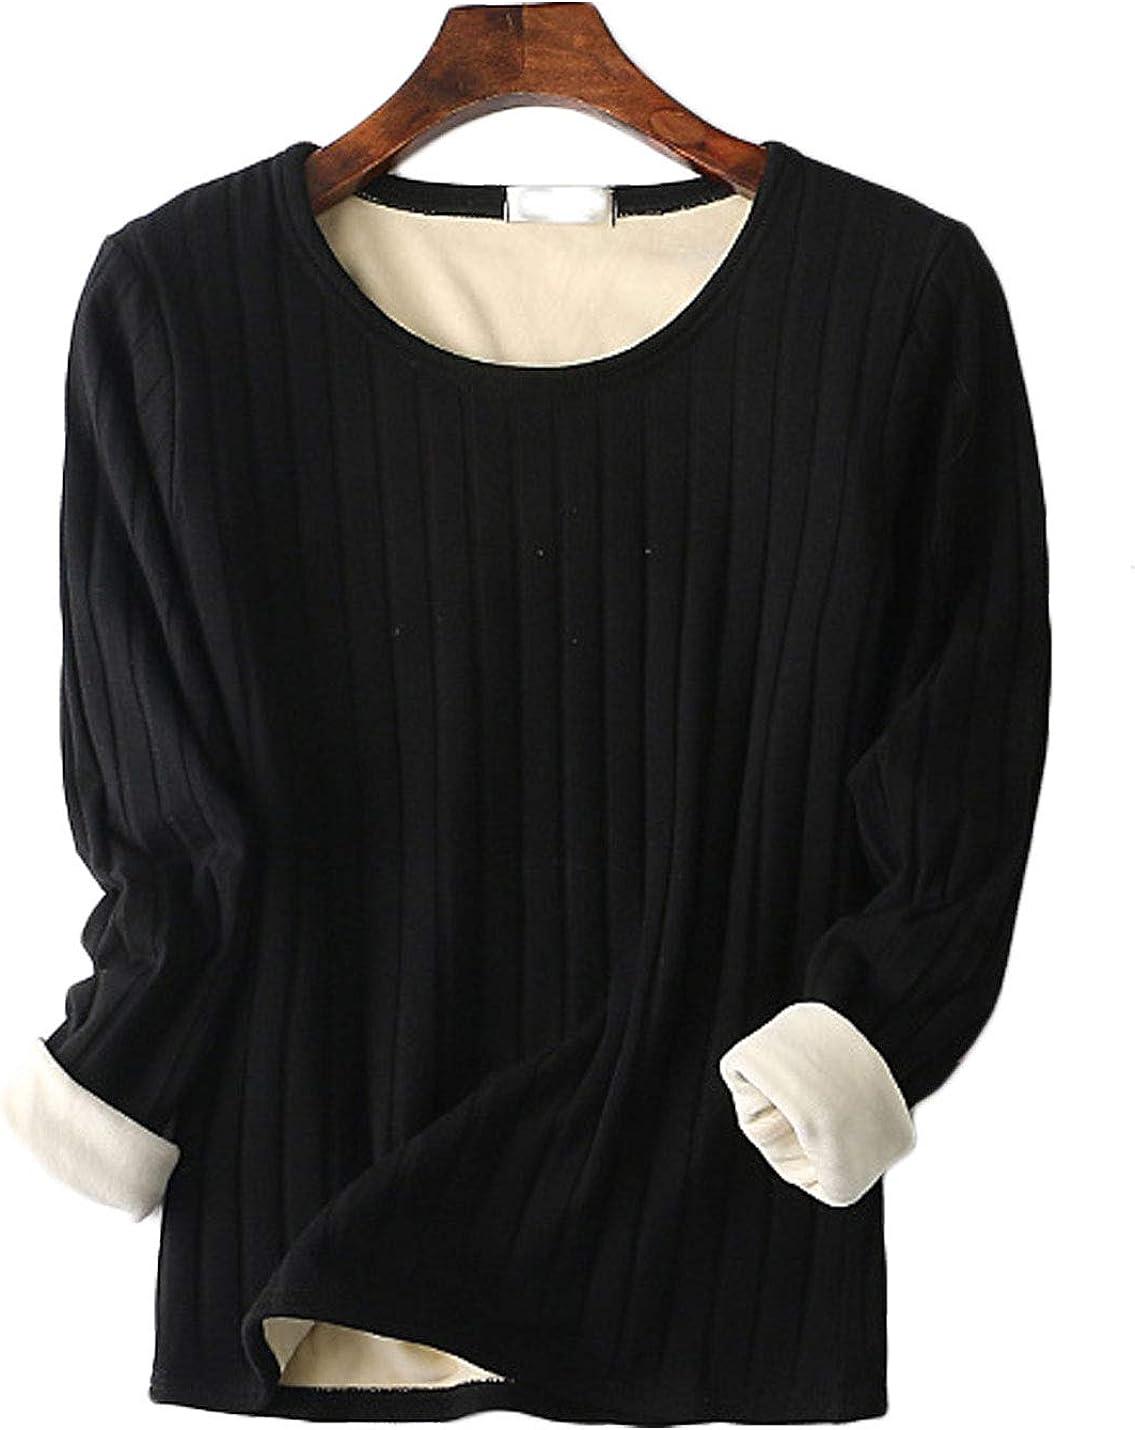 Jenkoon Womens Winter Warm Fleece Fur Lined Thermal Underwear Shirt